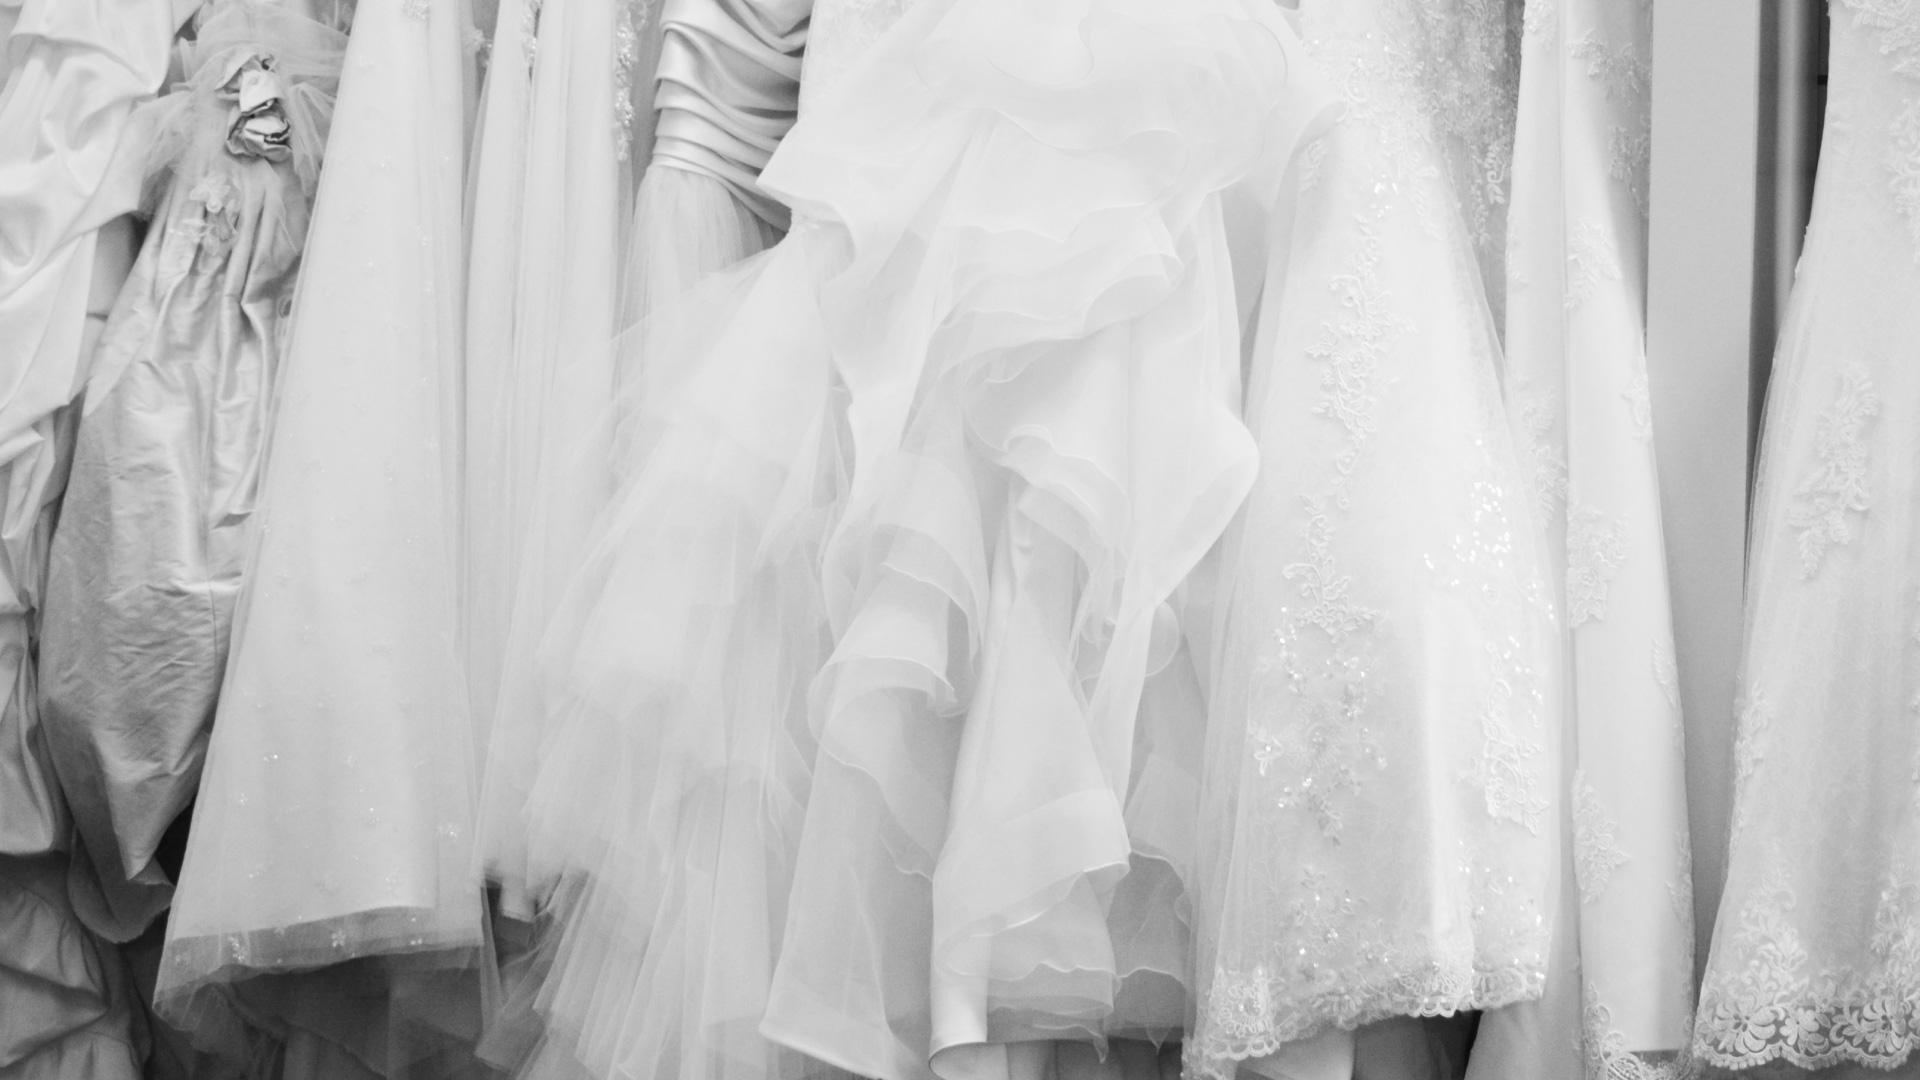 dresses-bw-1920x1080